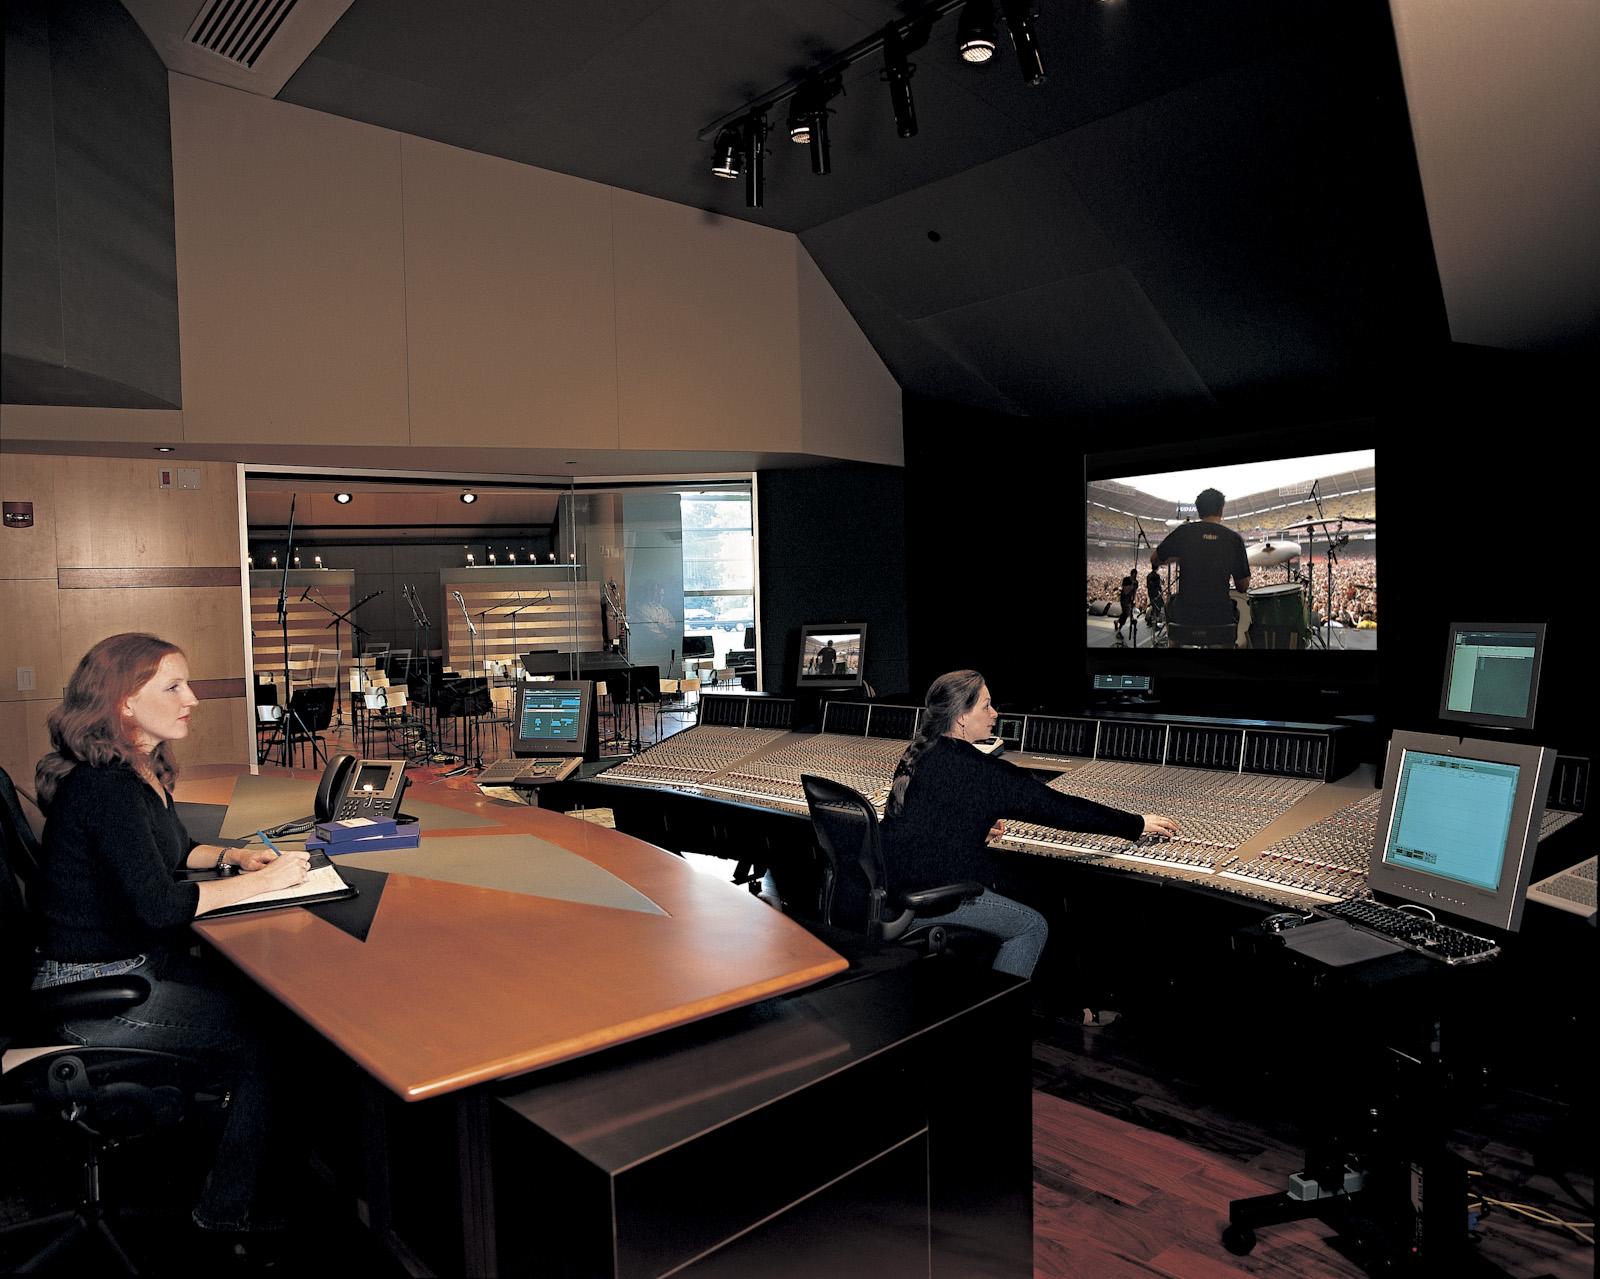 Nfl Films Russ Berger Design Group